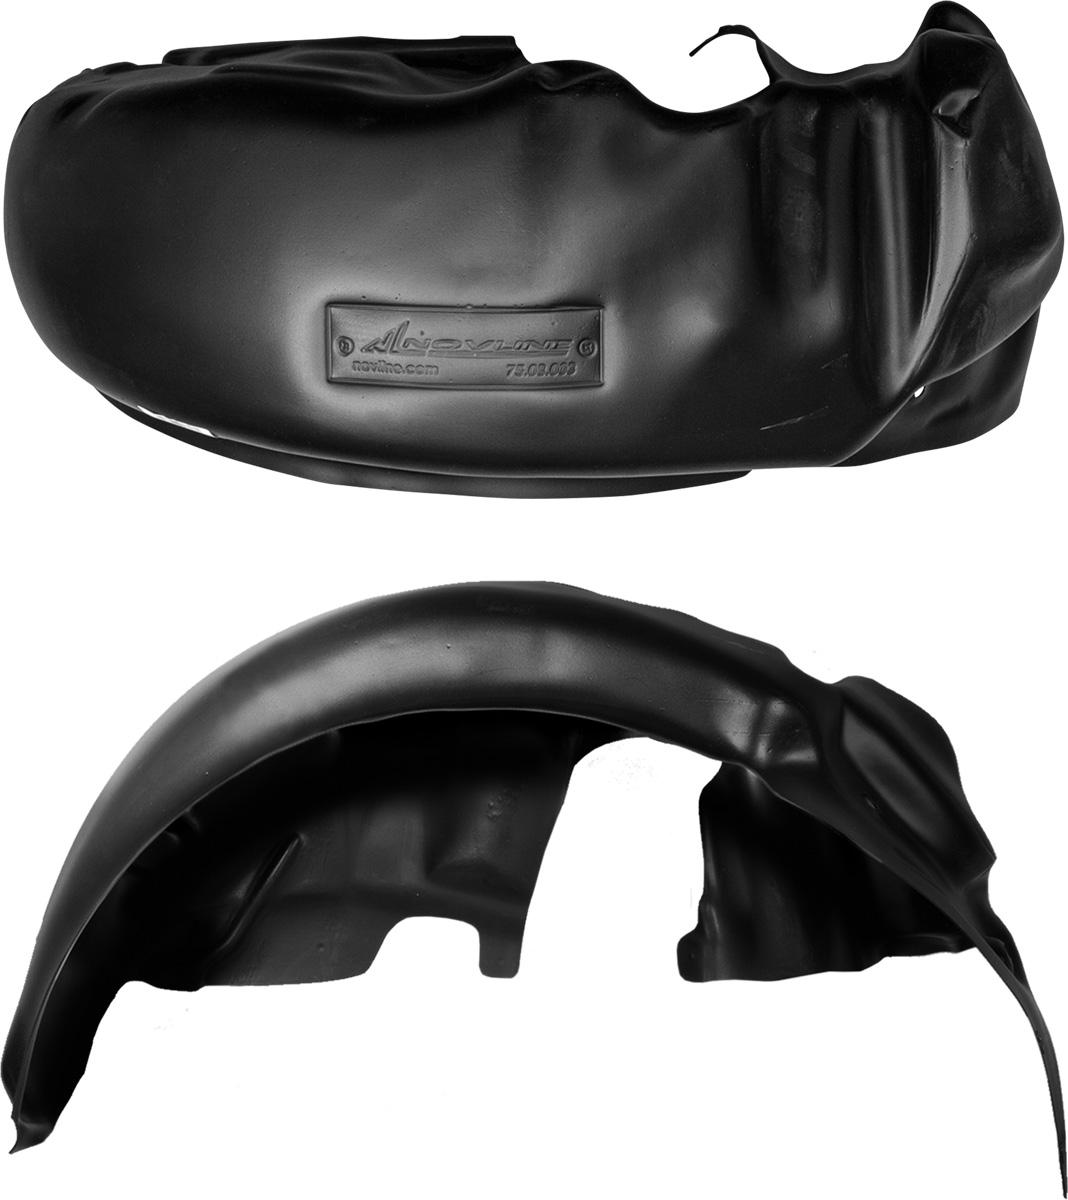 Подкрылок Novline-Autofamily, для Mitsubishi ASX, 2010-2013, 2013->, передний правыйNLL.35.27.002Колесные ниши - одни из самых уязвимых зон днища вашего автомобиля. Они постоянно подвергаются воздействию со стороны дороги. Лучшая, почти абсолютная защита для них - специально отформованные пластиковые кожухи, которые называются подкрылками. Производятся они как для отечественных моделей автомобилей, так и для иномарок. Подкрылки Novline-Autofamily выполнены из высококачественного, экологически чистого пластика. Обеспечивают надежную защиту кузова автомобиля от пескоструйного эффекта и негативного влияния, агрессивных антигололедных реагентов. Пластик обладает более низкой теплопроводностью, чем металл, поэтому в зимний период эксплуатации использование пластиковых подкрылков позволяет лучше защитить колесные ниши от налипания снега и образования наледи. Оригинальность конструкции подчеркивает элегантность автомобиля, бережно защищает нанесенное на днище кузова антикоррозийное покрытие и позволяет осуществить крепление подкрылков внутри колесной арки практически без...